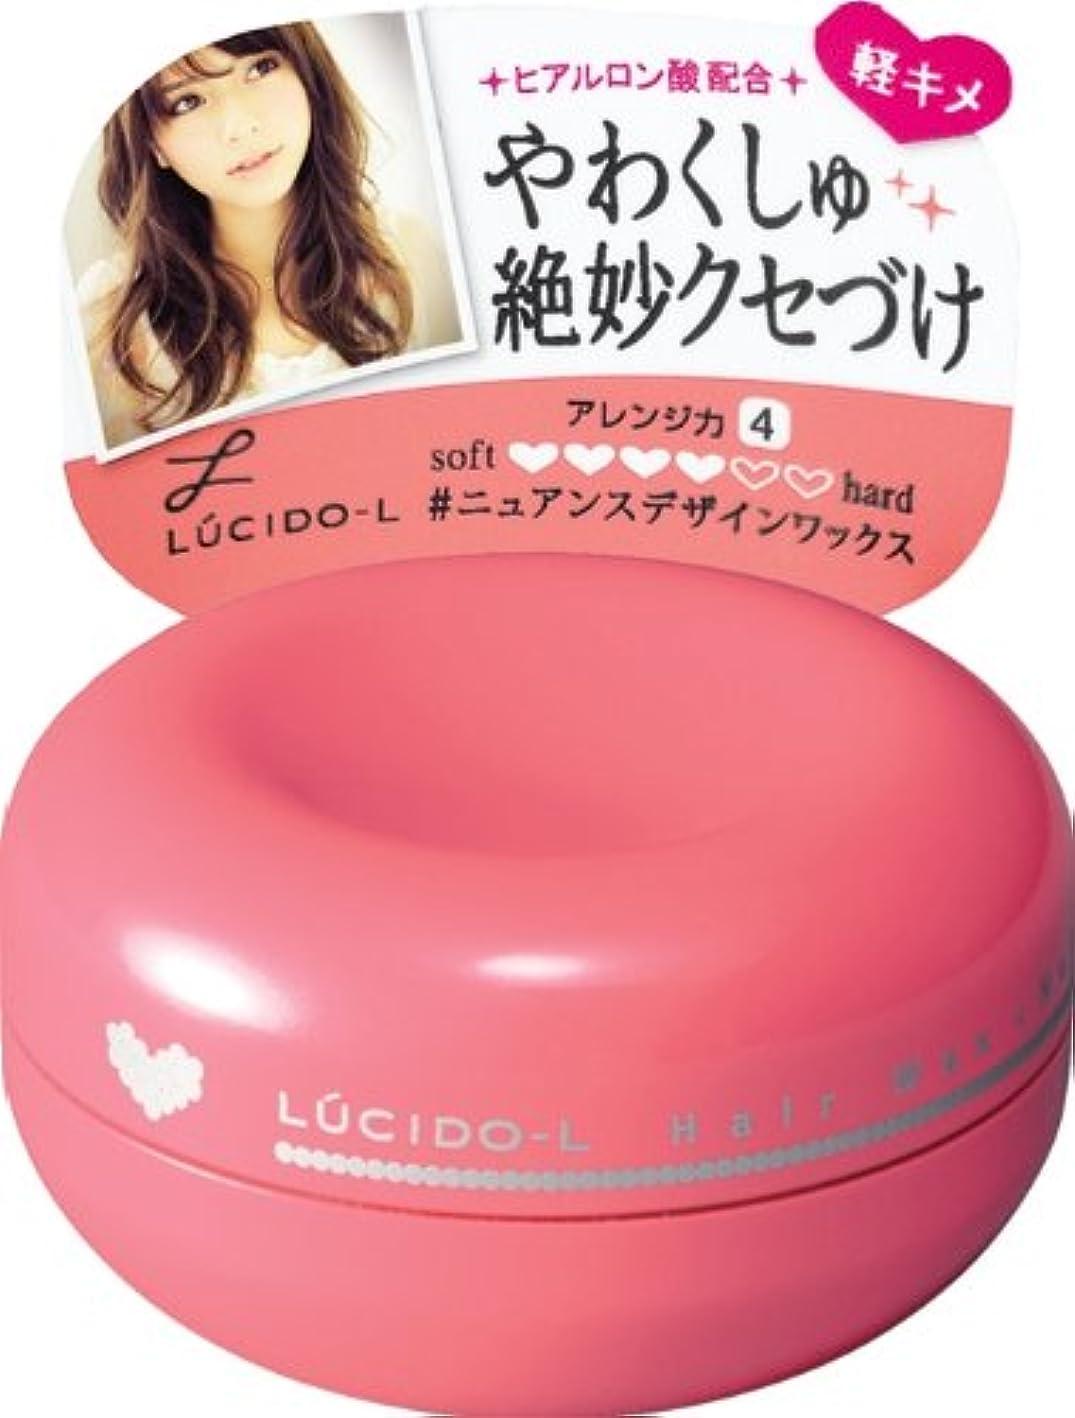 ブランデー聴衆電気技師LUCIDO-L(ルシードエル) #ニュアンスデザインワックス 60g